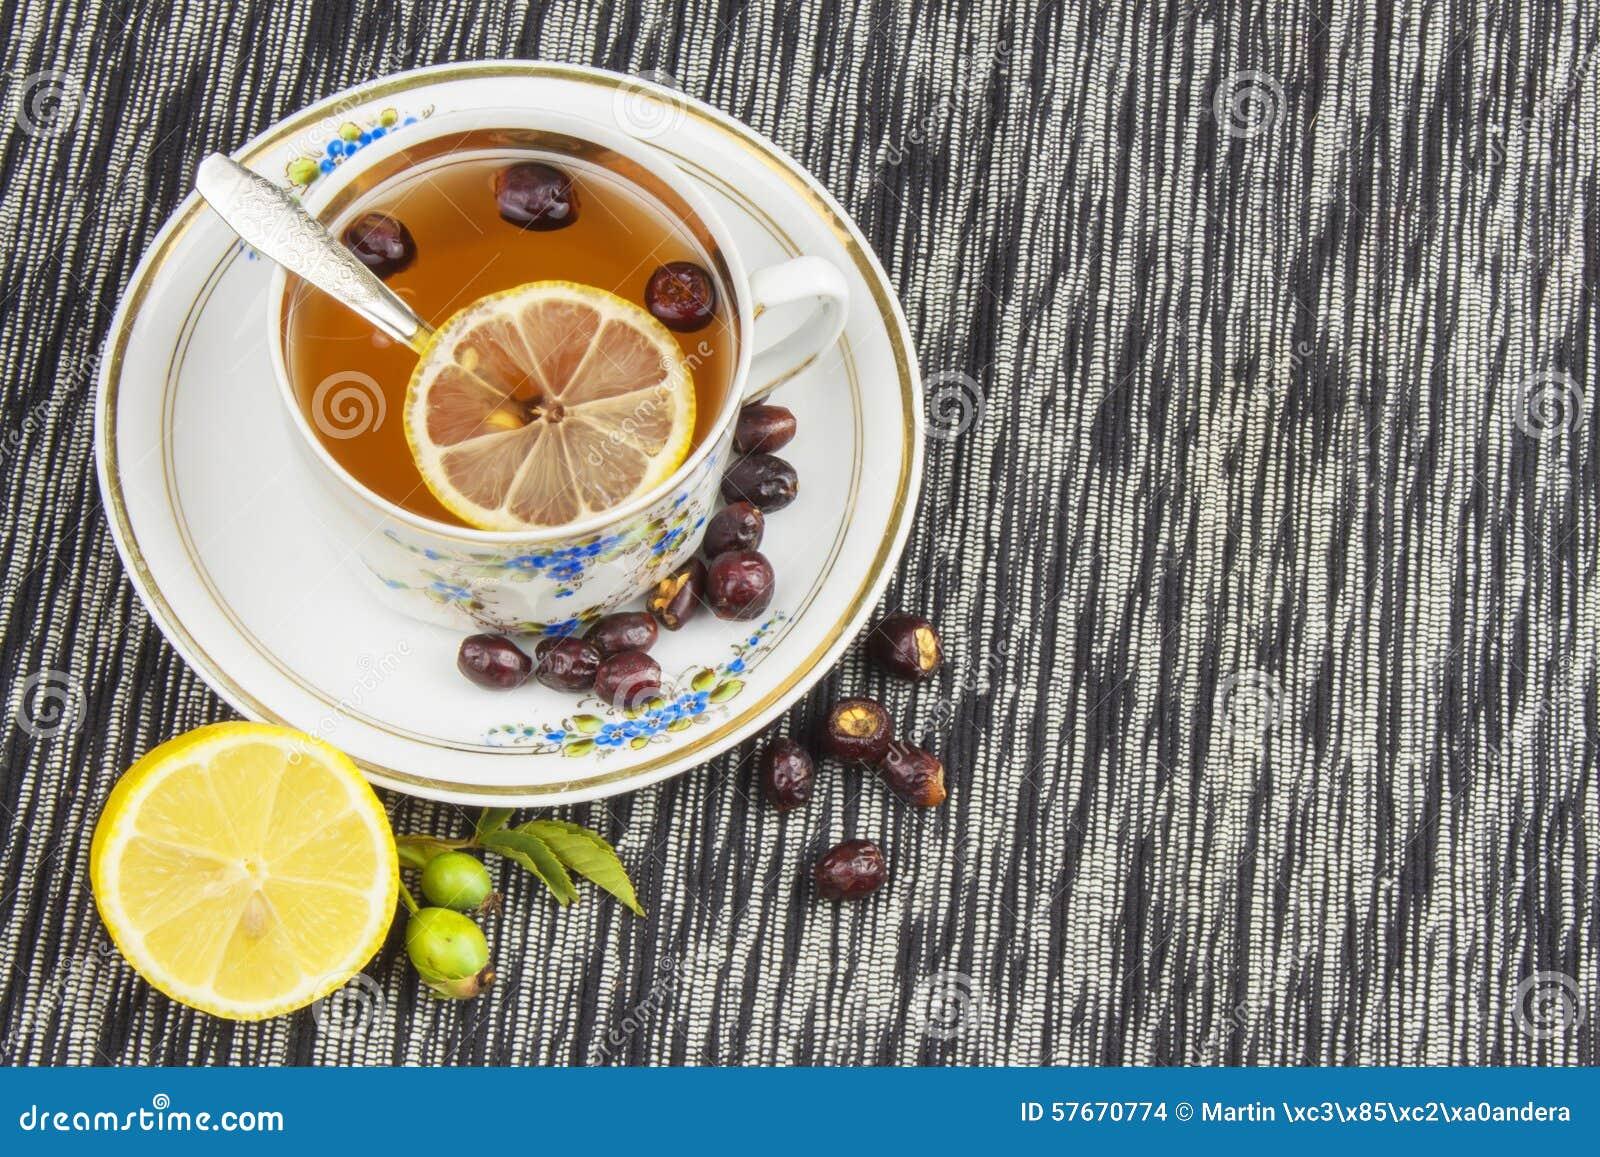 Heißer Tee mit Zitrone und roter Pfeil in der Tabelle Hauptbehandlung für Kälten und Grippe